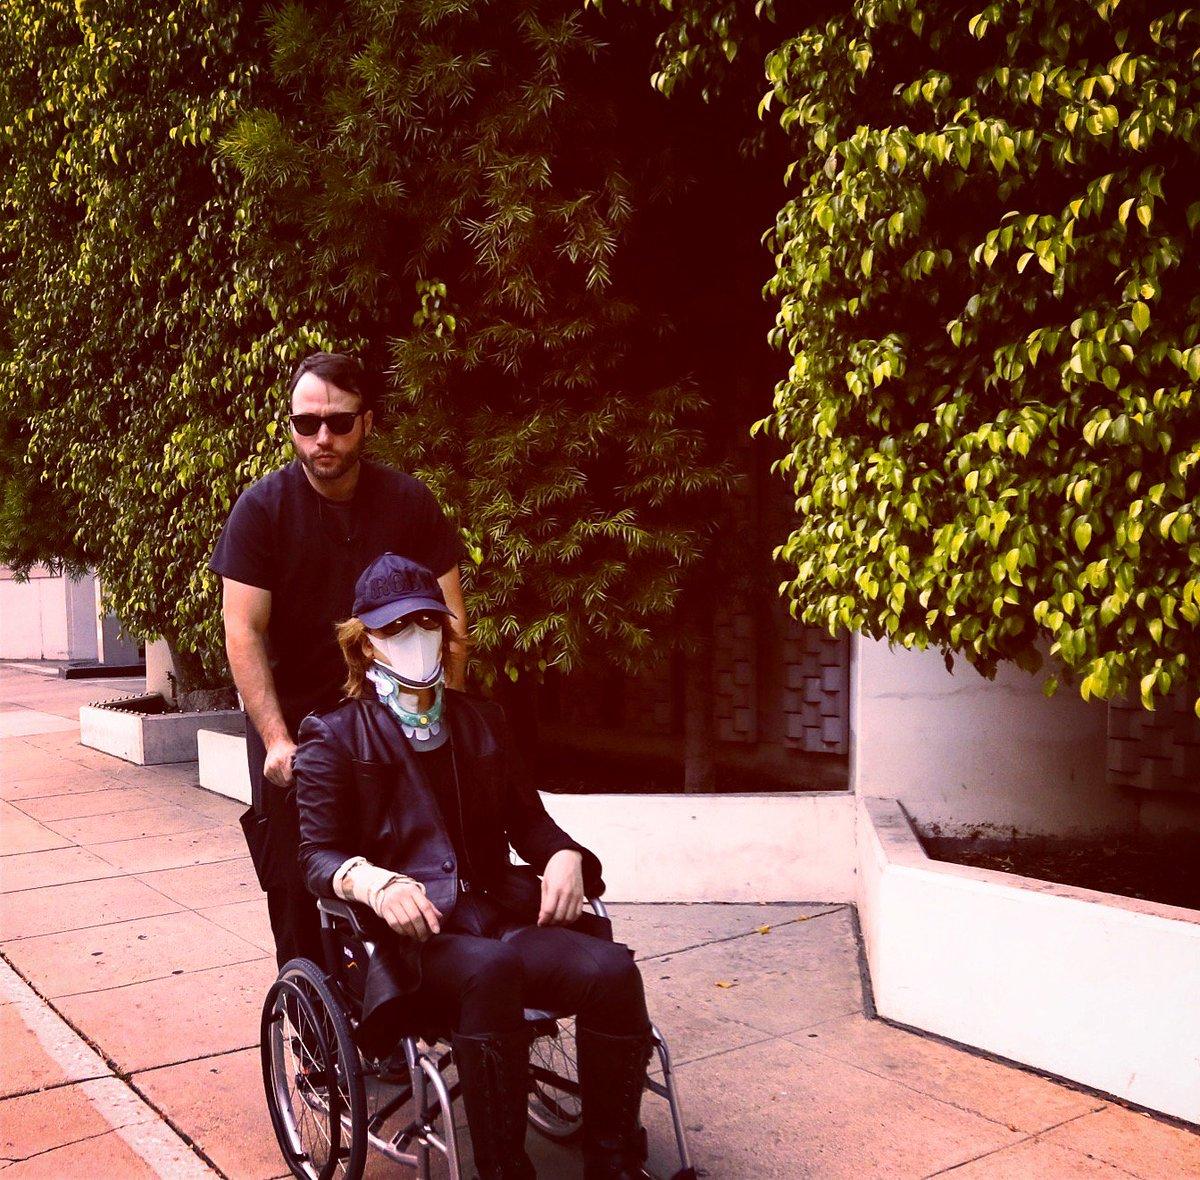 その2.. ただ自分の受けた首の手術は術後なるべく早いタイミングで制限付きではあるが体を動かすようにすすめられています。今日もリハビリ、今日も歩く練習開始!!  instagram.com/p/BUNYrYZA4N1/…